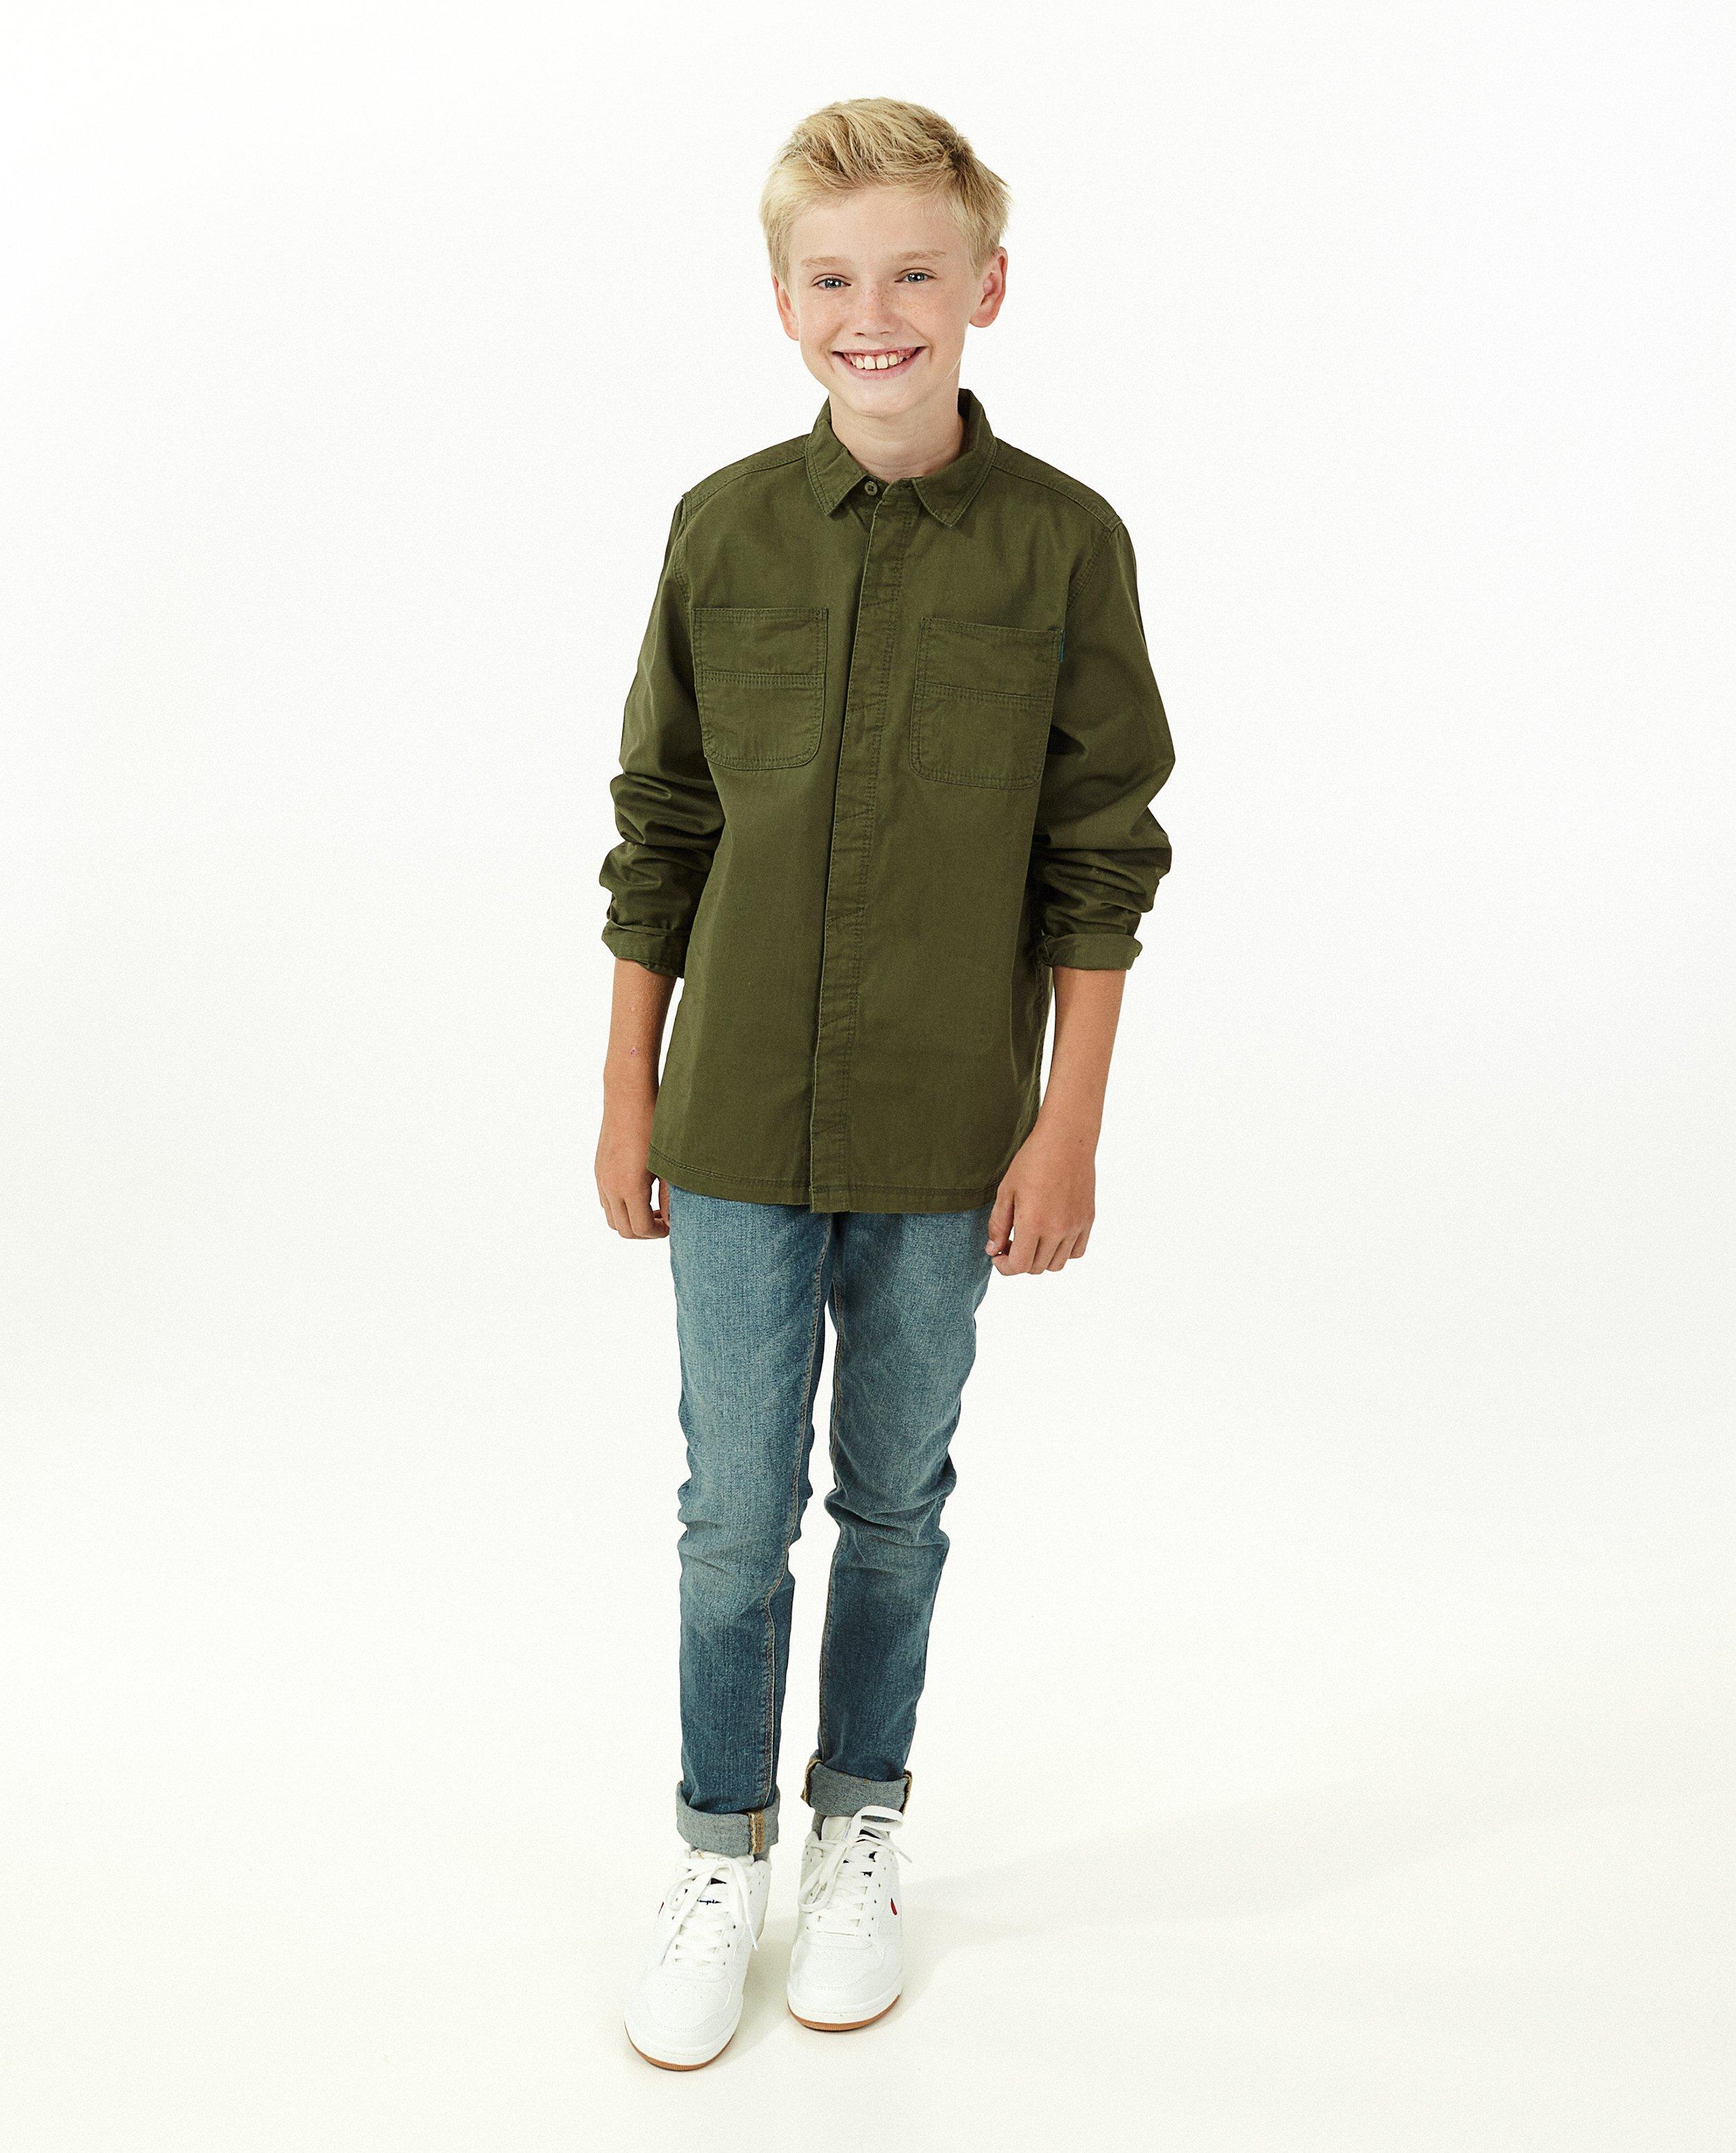 Chemise verte #LikeMe - avec des poches de poitrine - Like Me